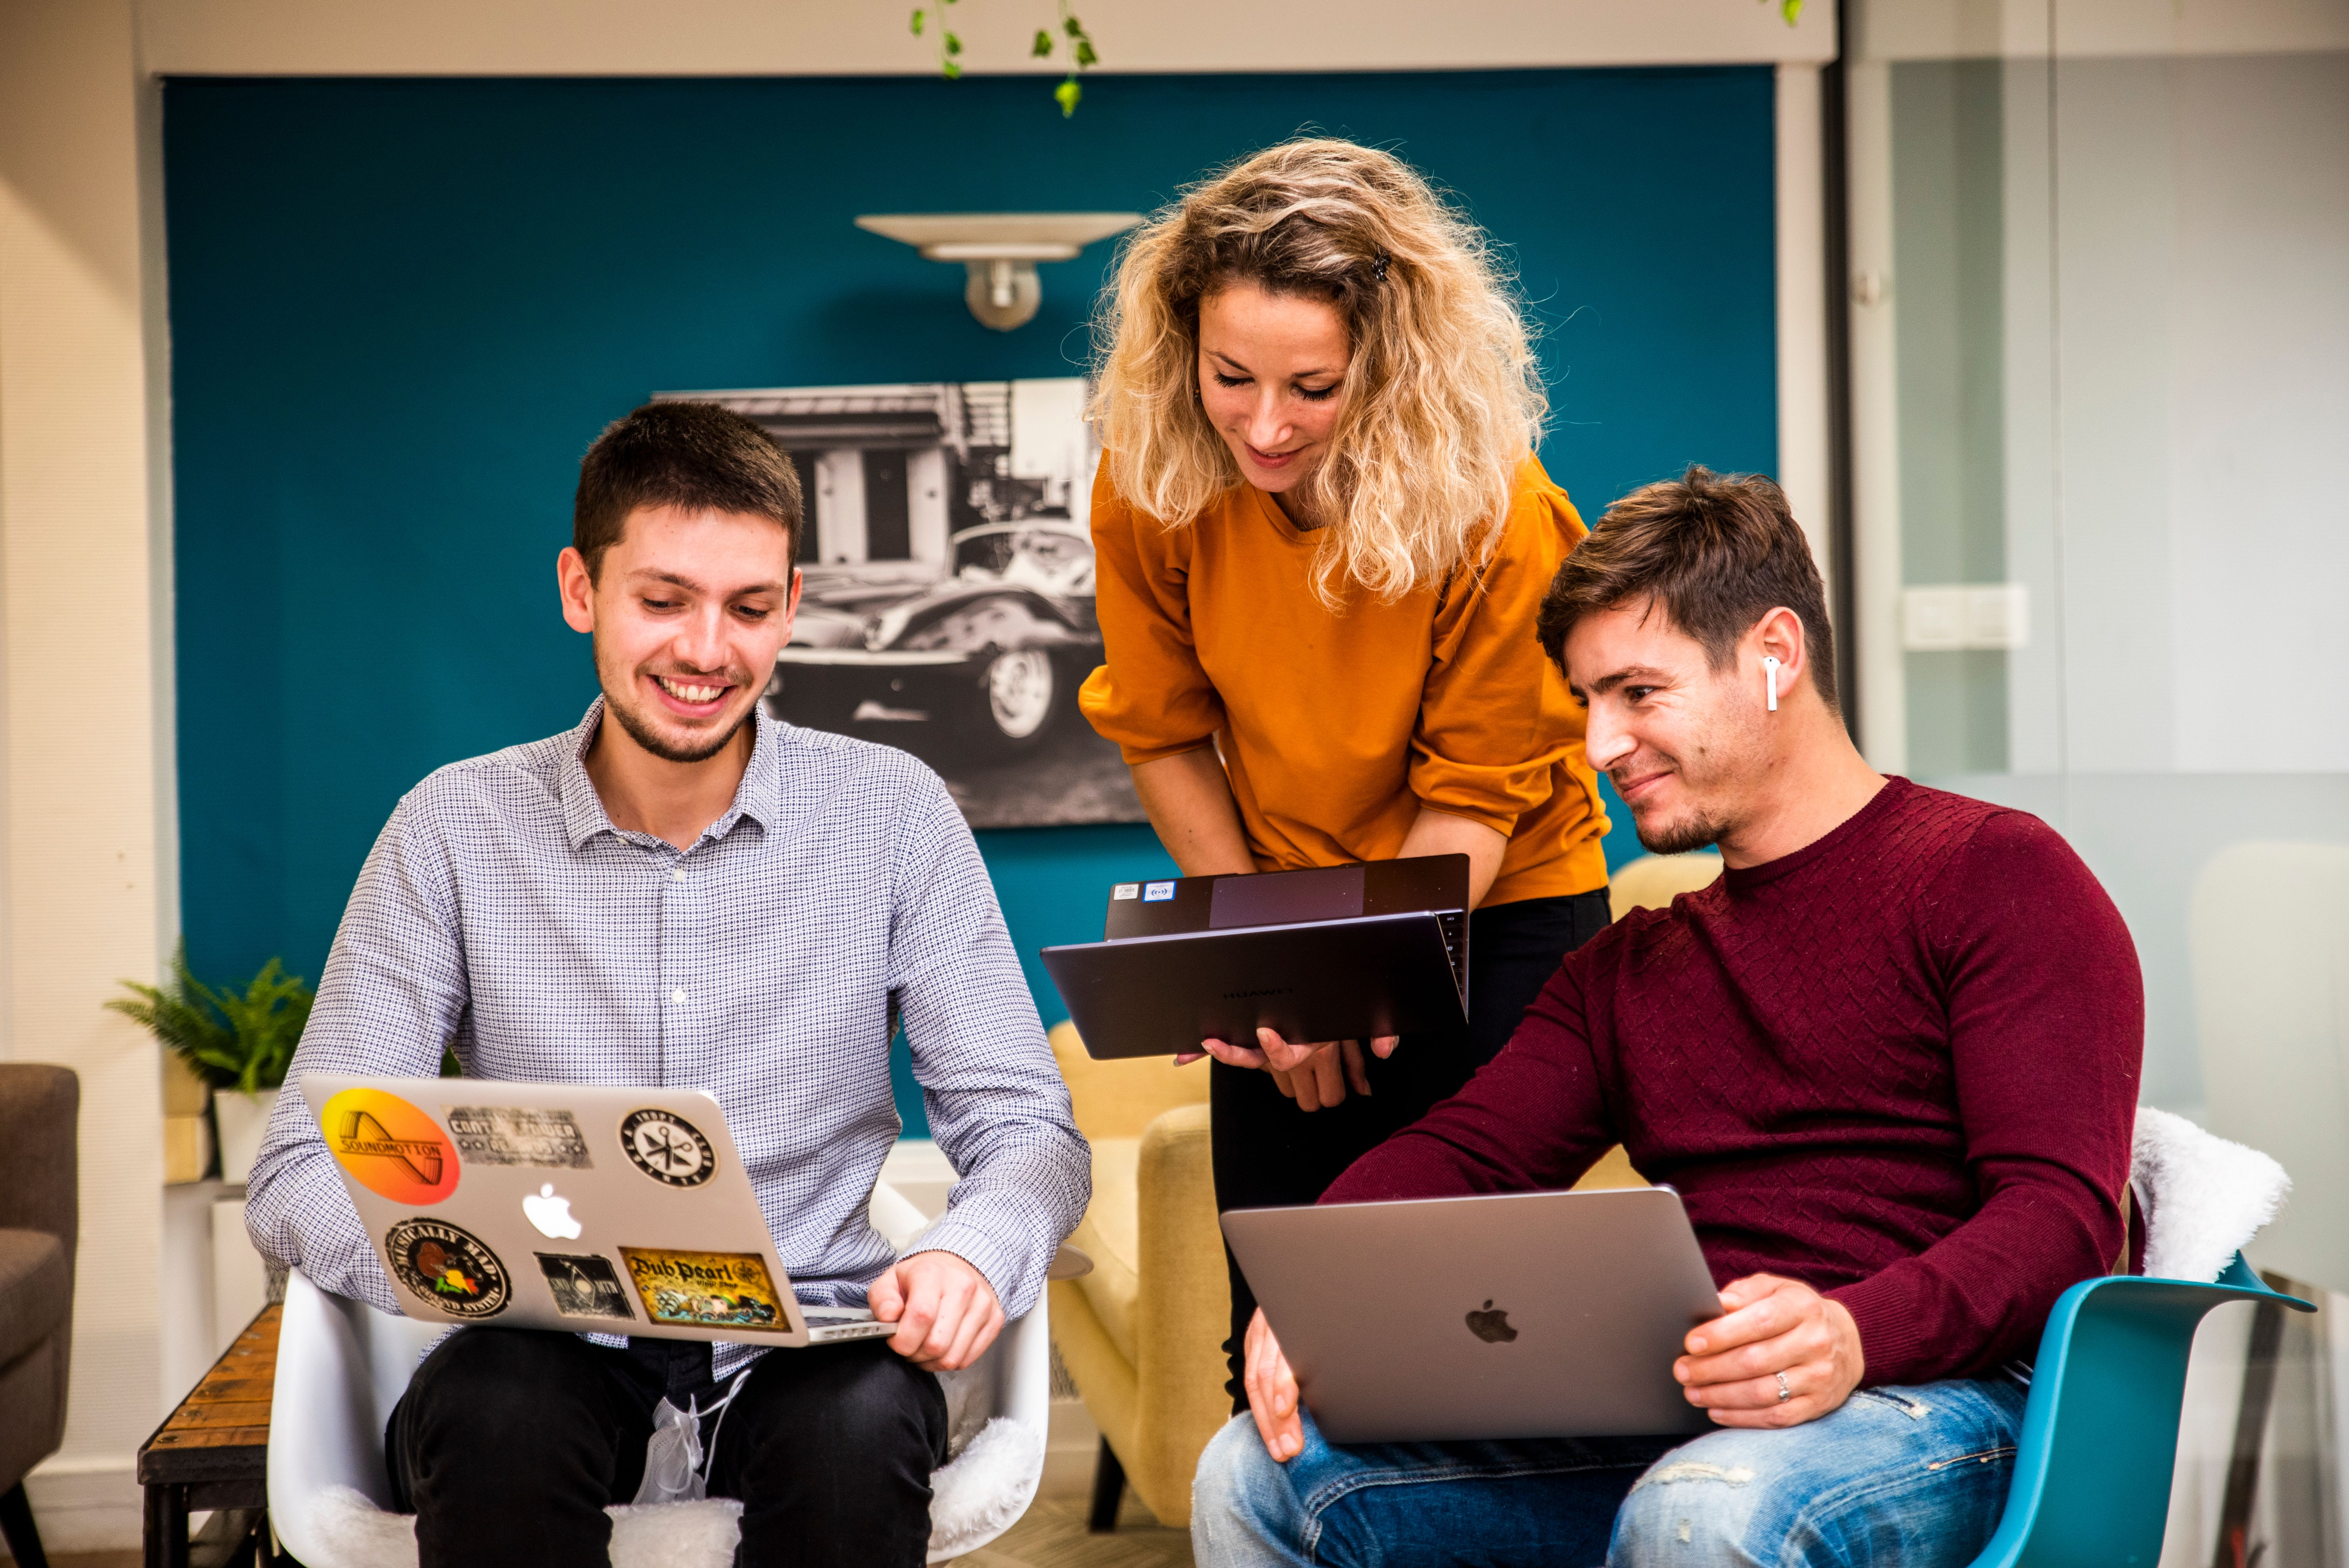 Apprendre à programmer pour travailler dans la tech, le smart moove ? 🧐